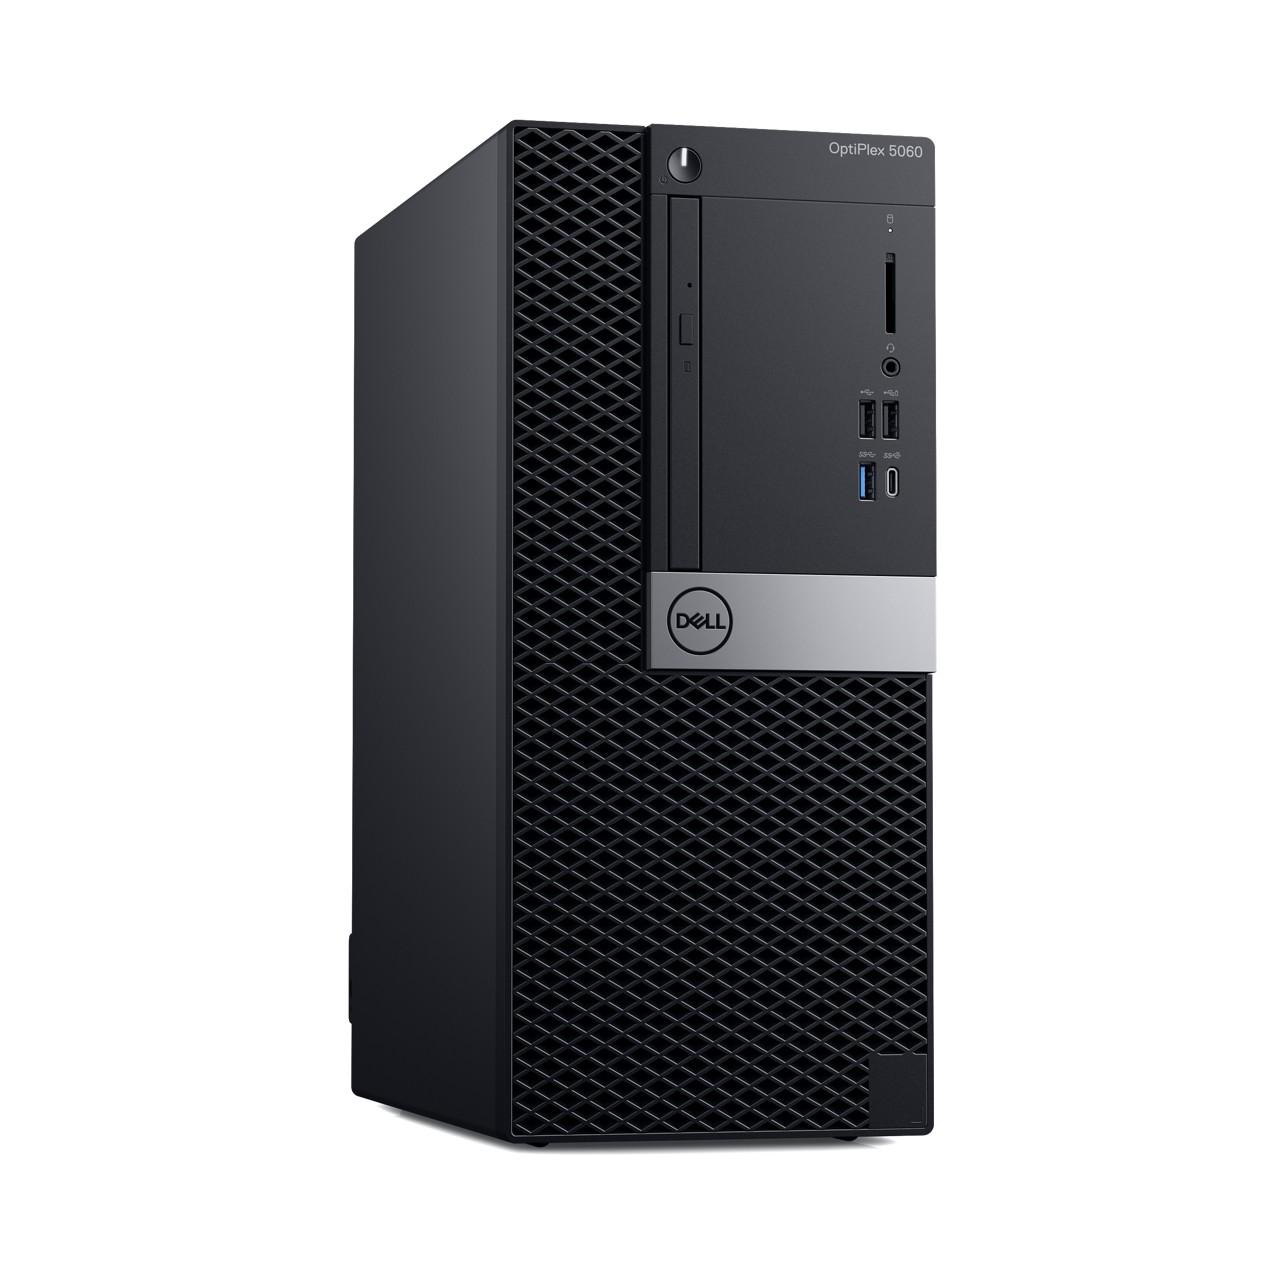 Dell: Neue Optiplex-Systeme in drei Größen und mit Dual-GPUs - Optiplex 5060 Midi-Tower (Bild: Dell)